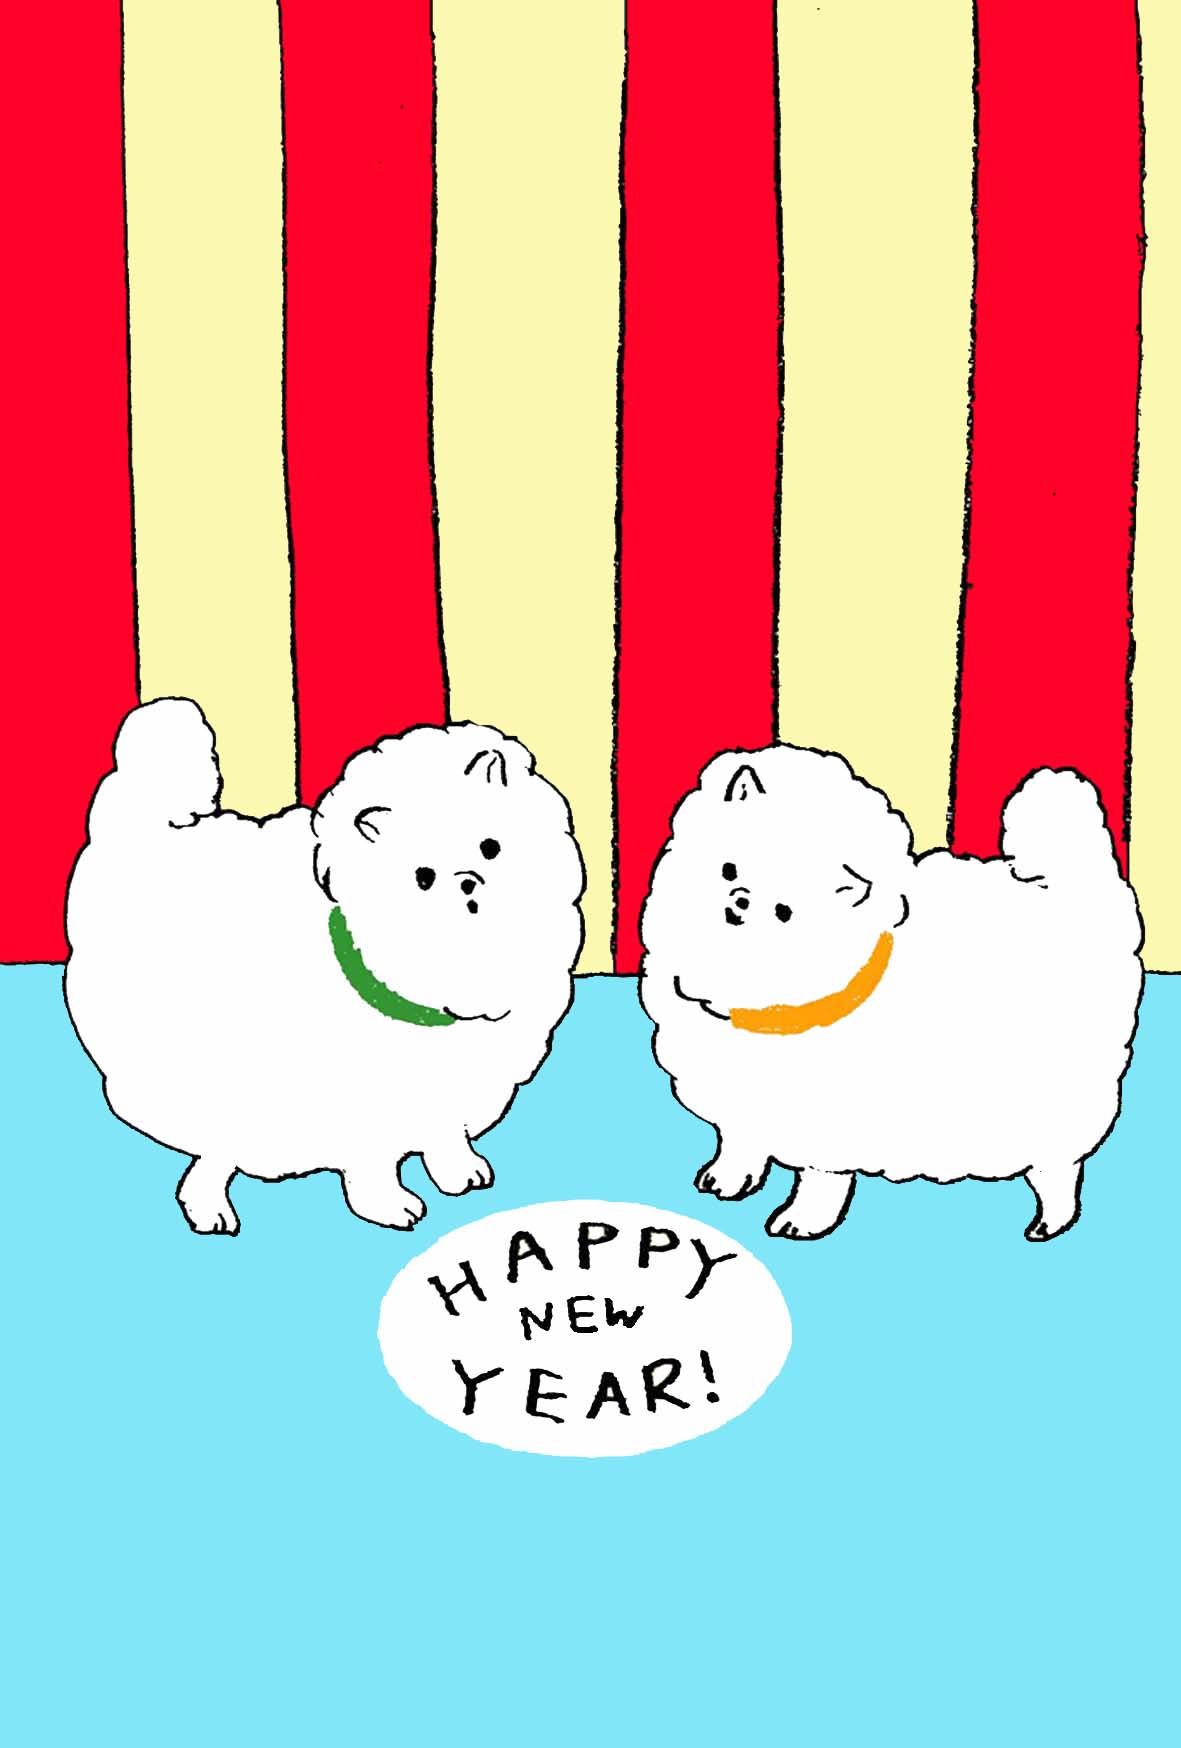 無料】シンプル可愛い戌年年賀状イラスト【犬】